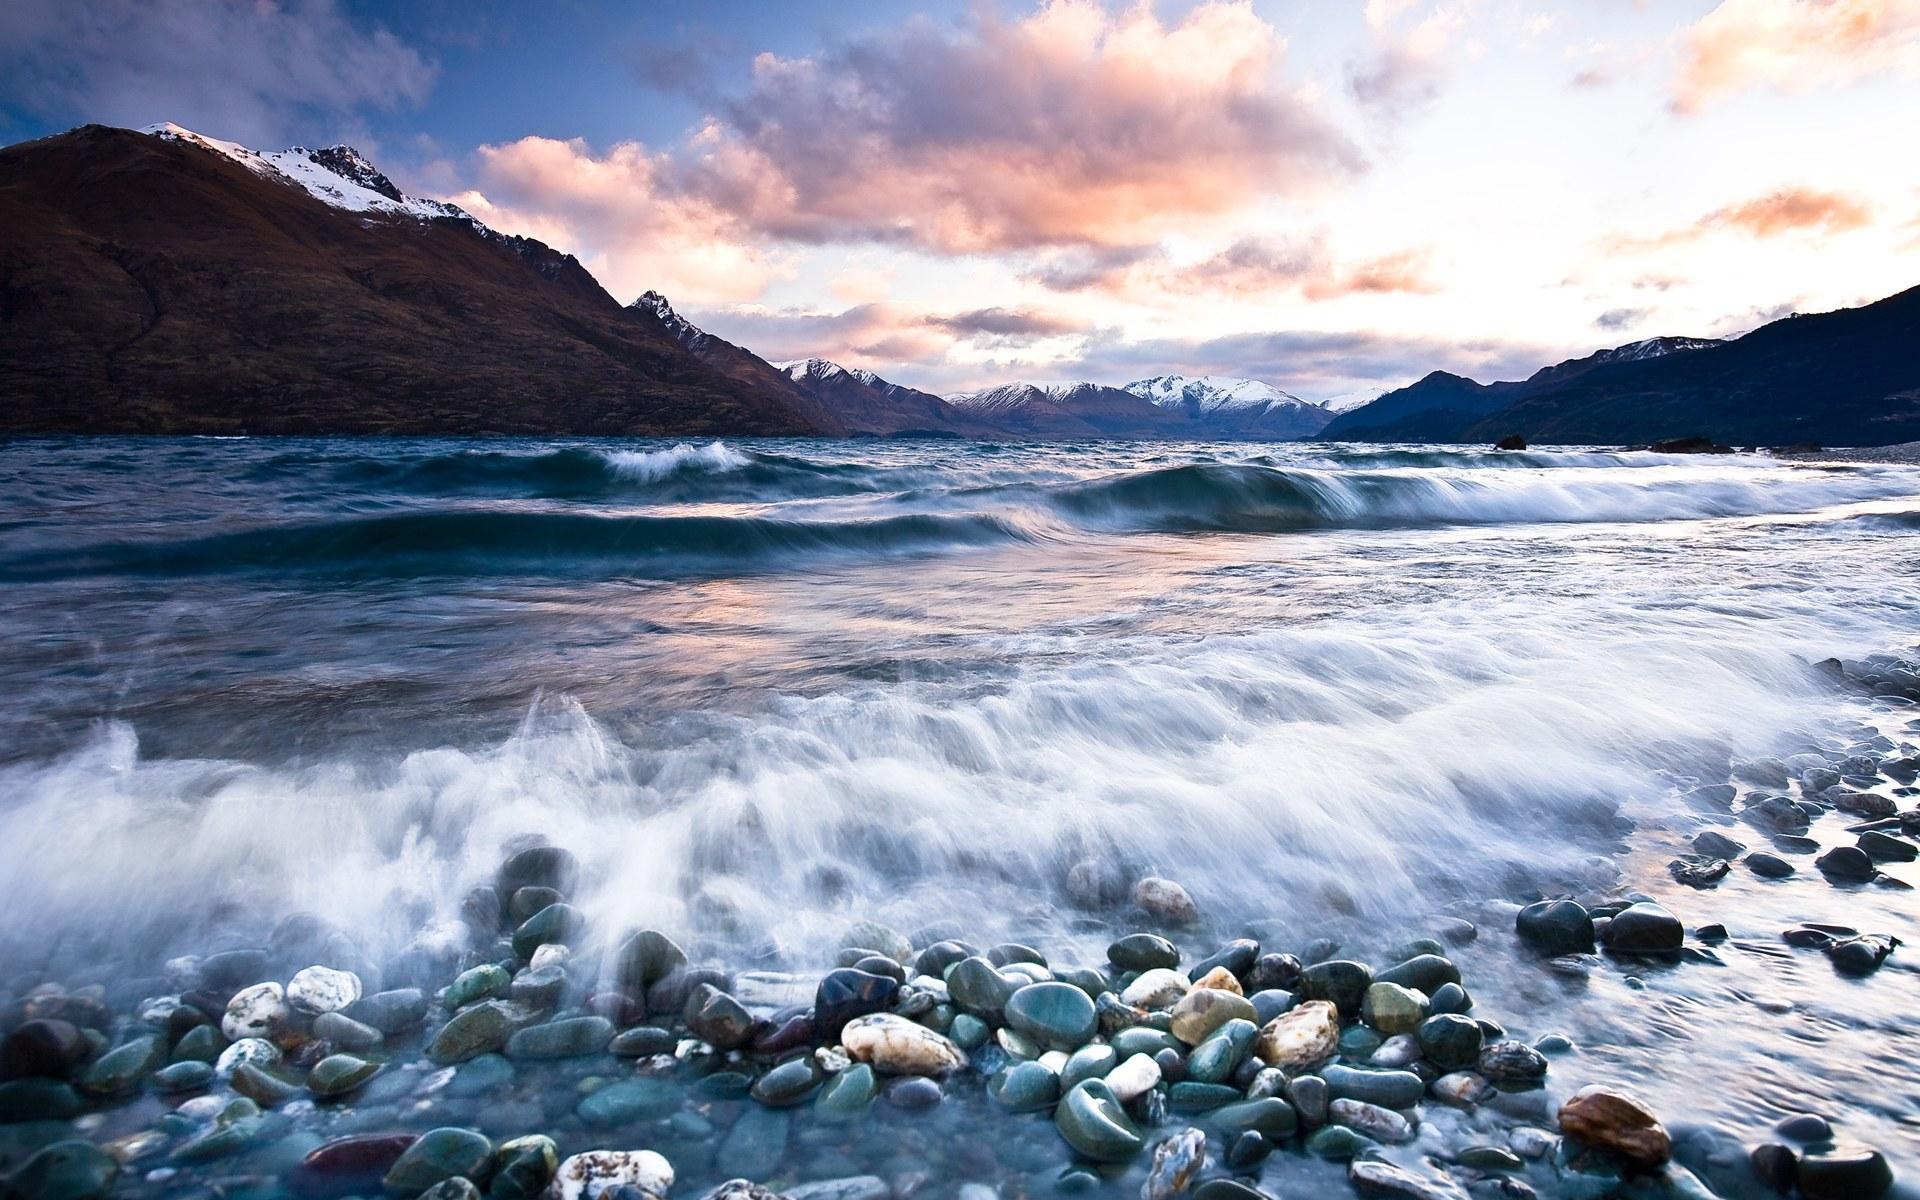 Море и горы картинки, картинки знаков препинания